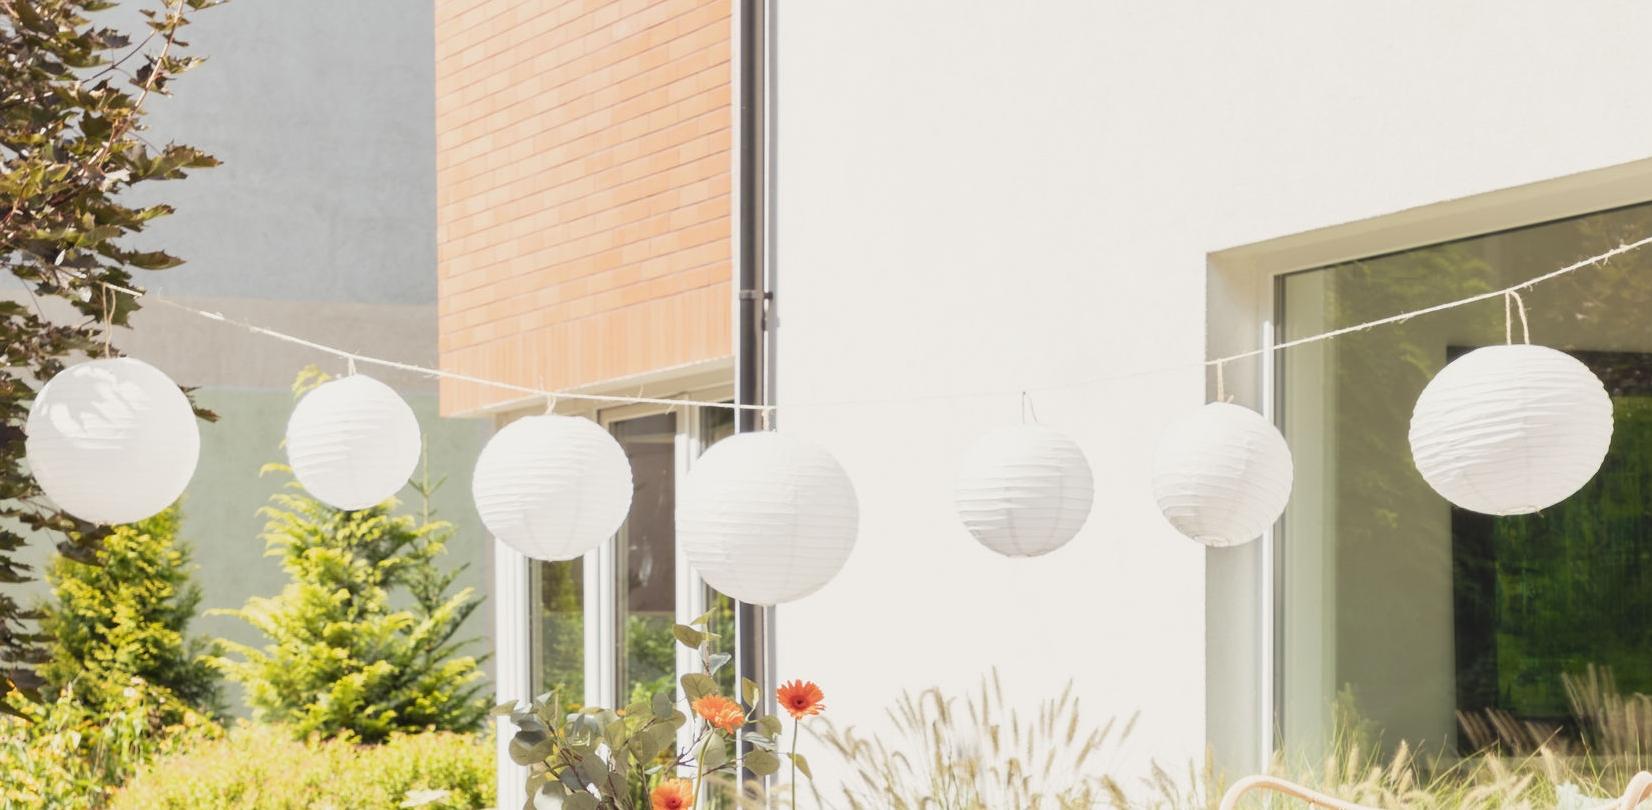 Balkon Lampe: Test & Empfehlungen (01/20)